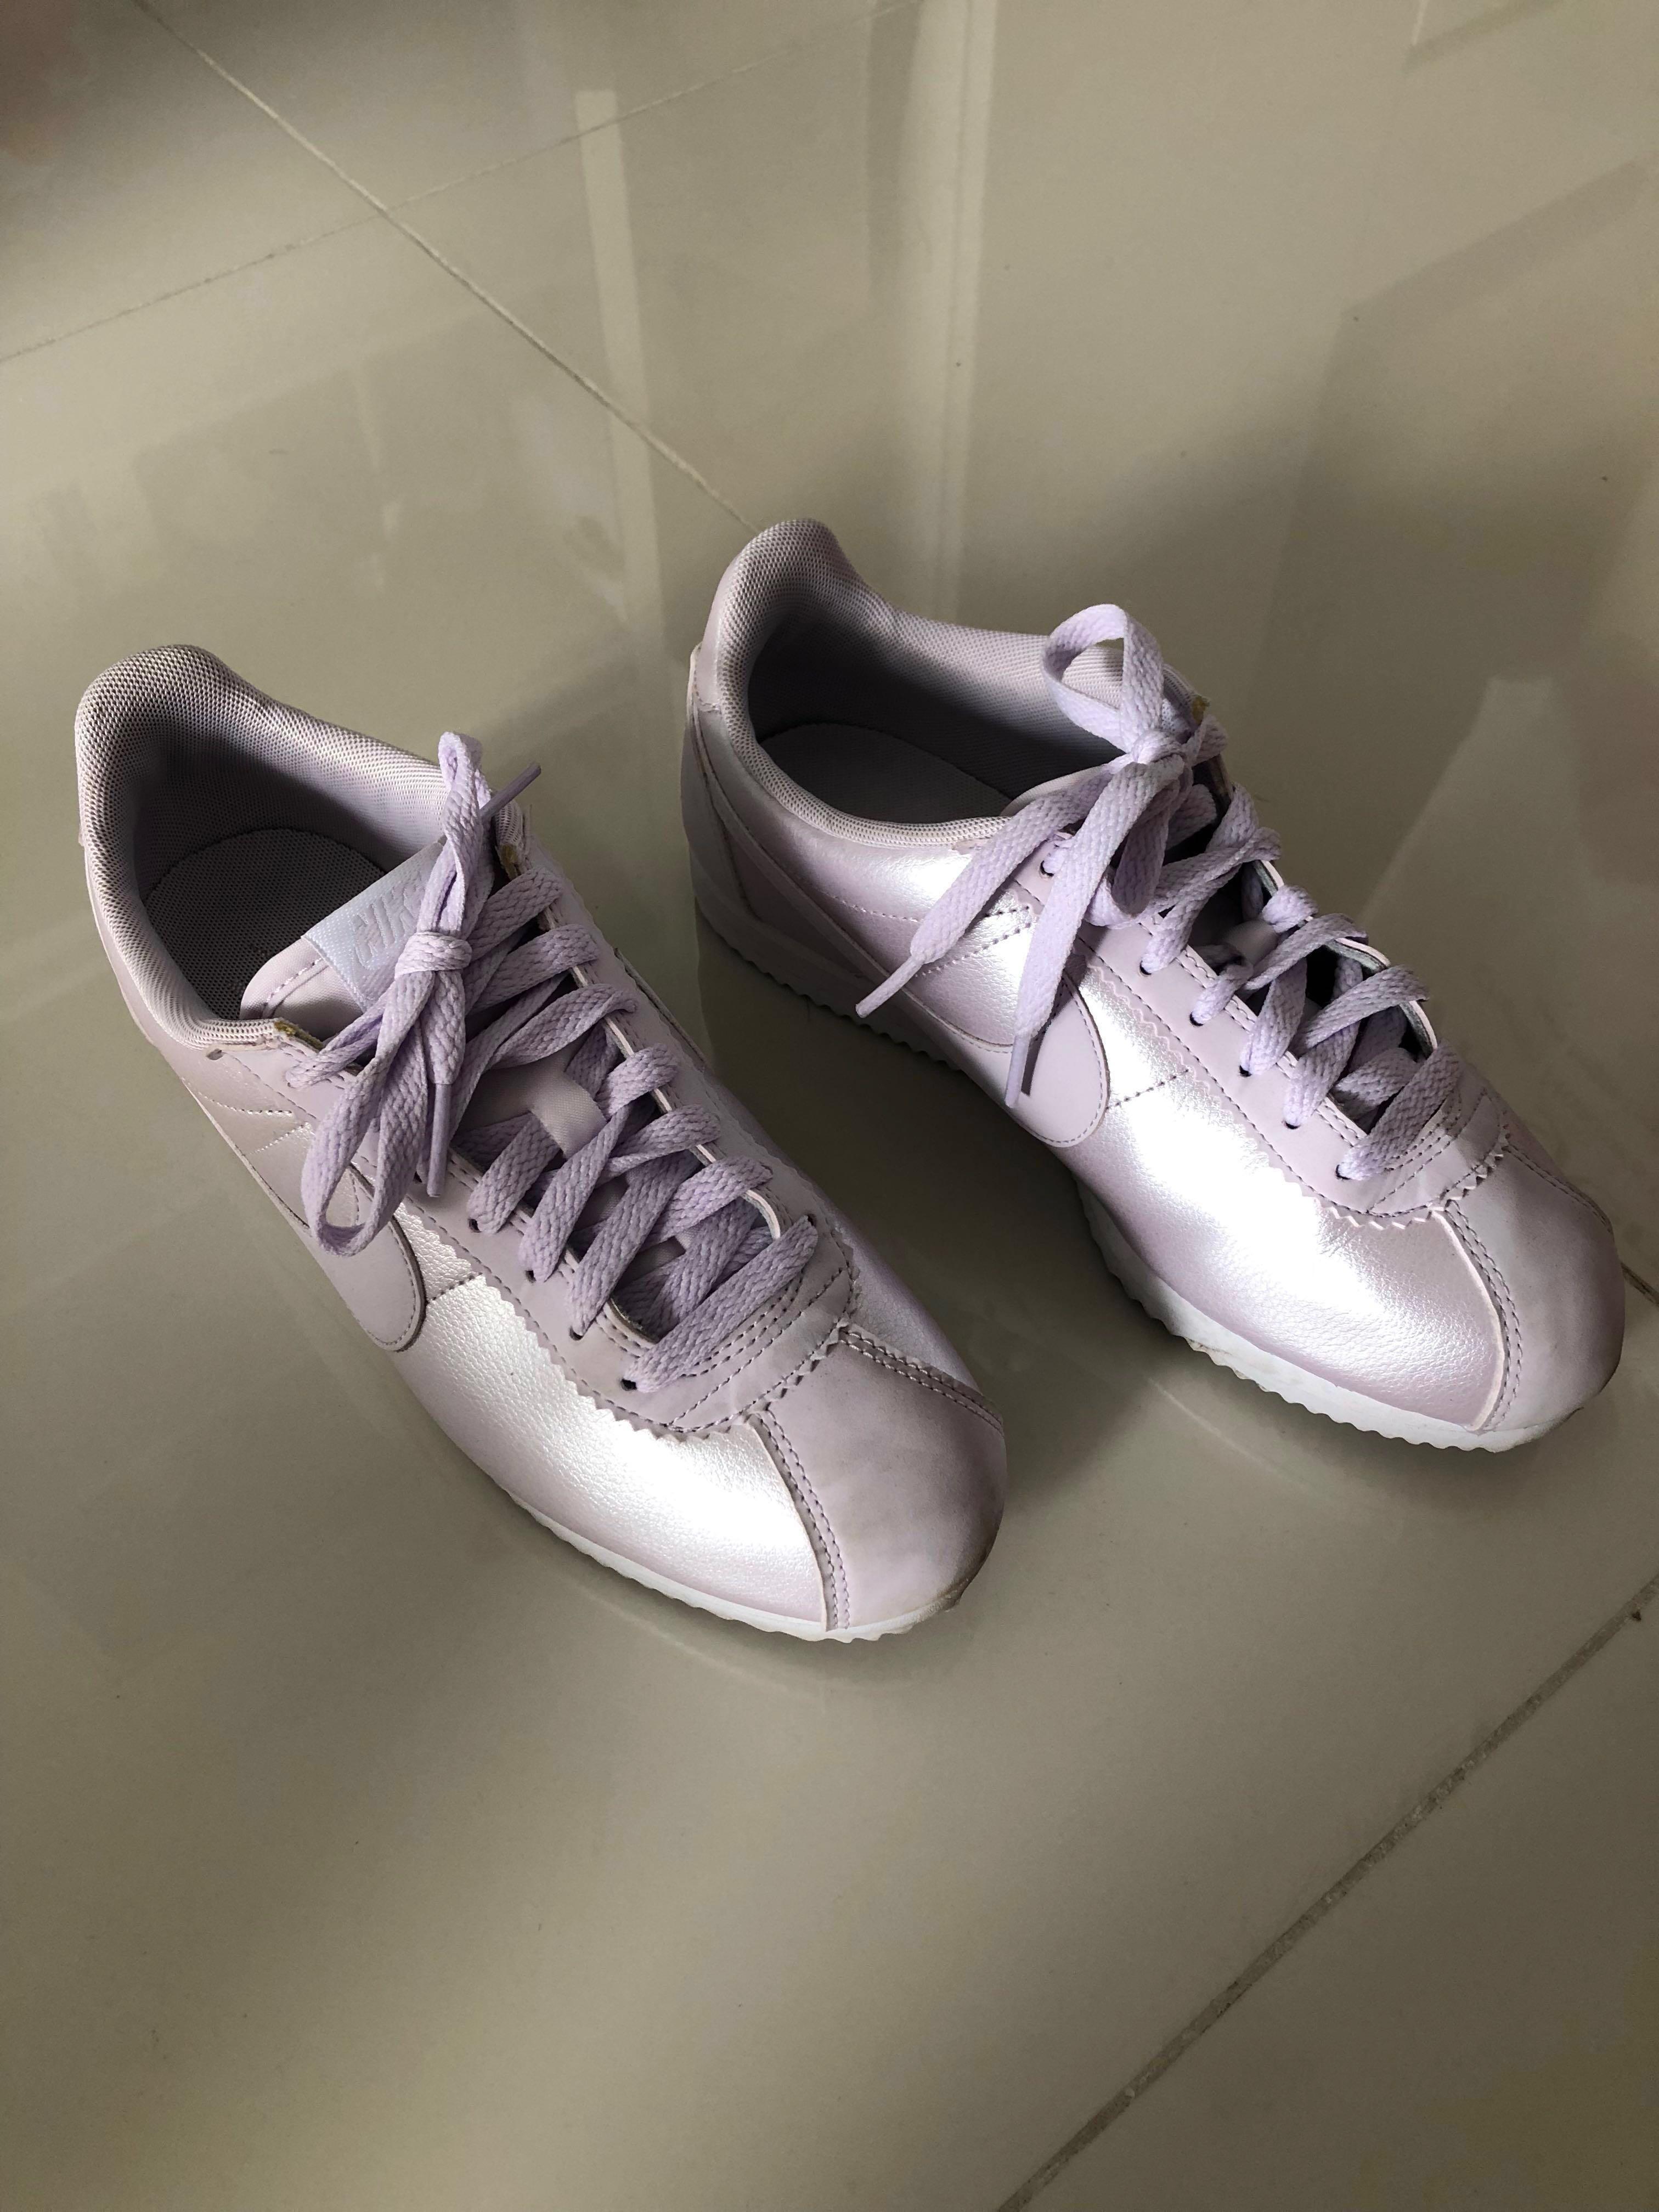 095d9d69f71e67 Nike Women s Classic Cortez Leather